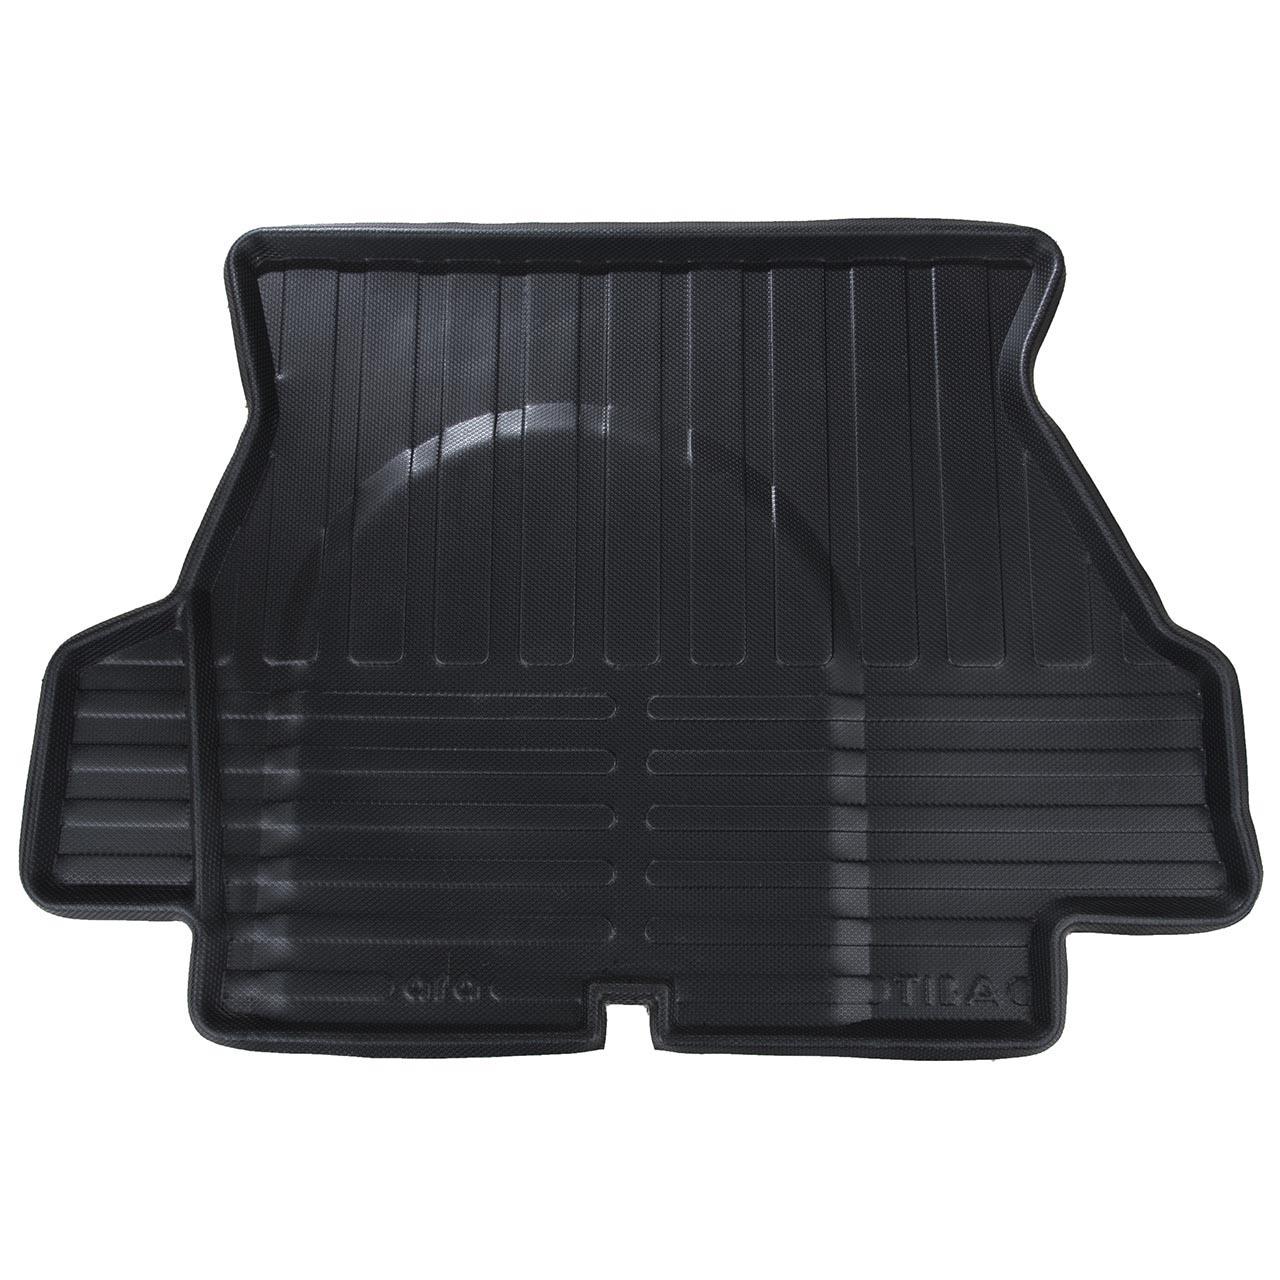 کفپوش سه بعدی صندوق خودرو آرا مدل اطلس مناسب برای تیبا صندوق دار